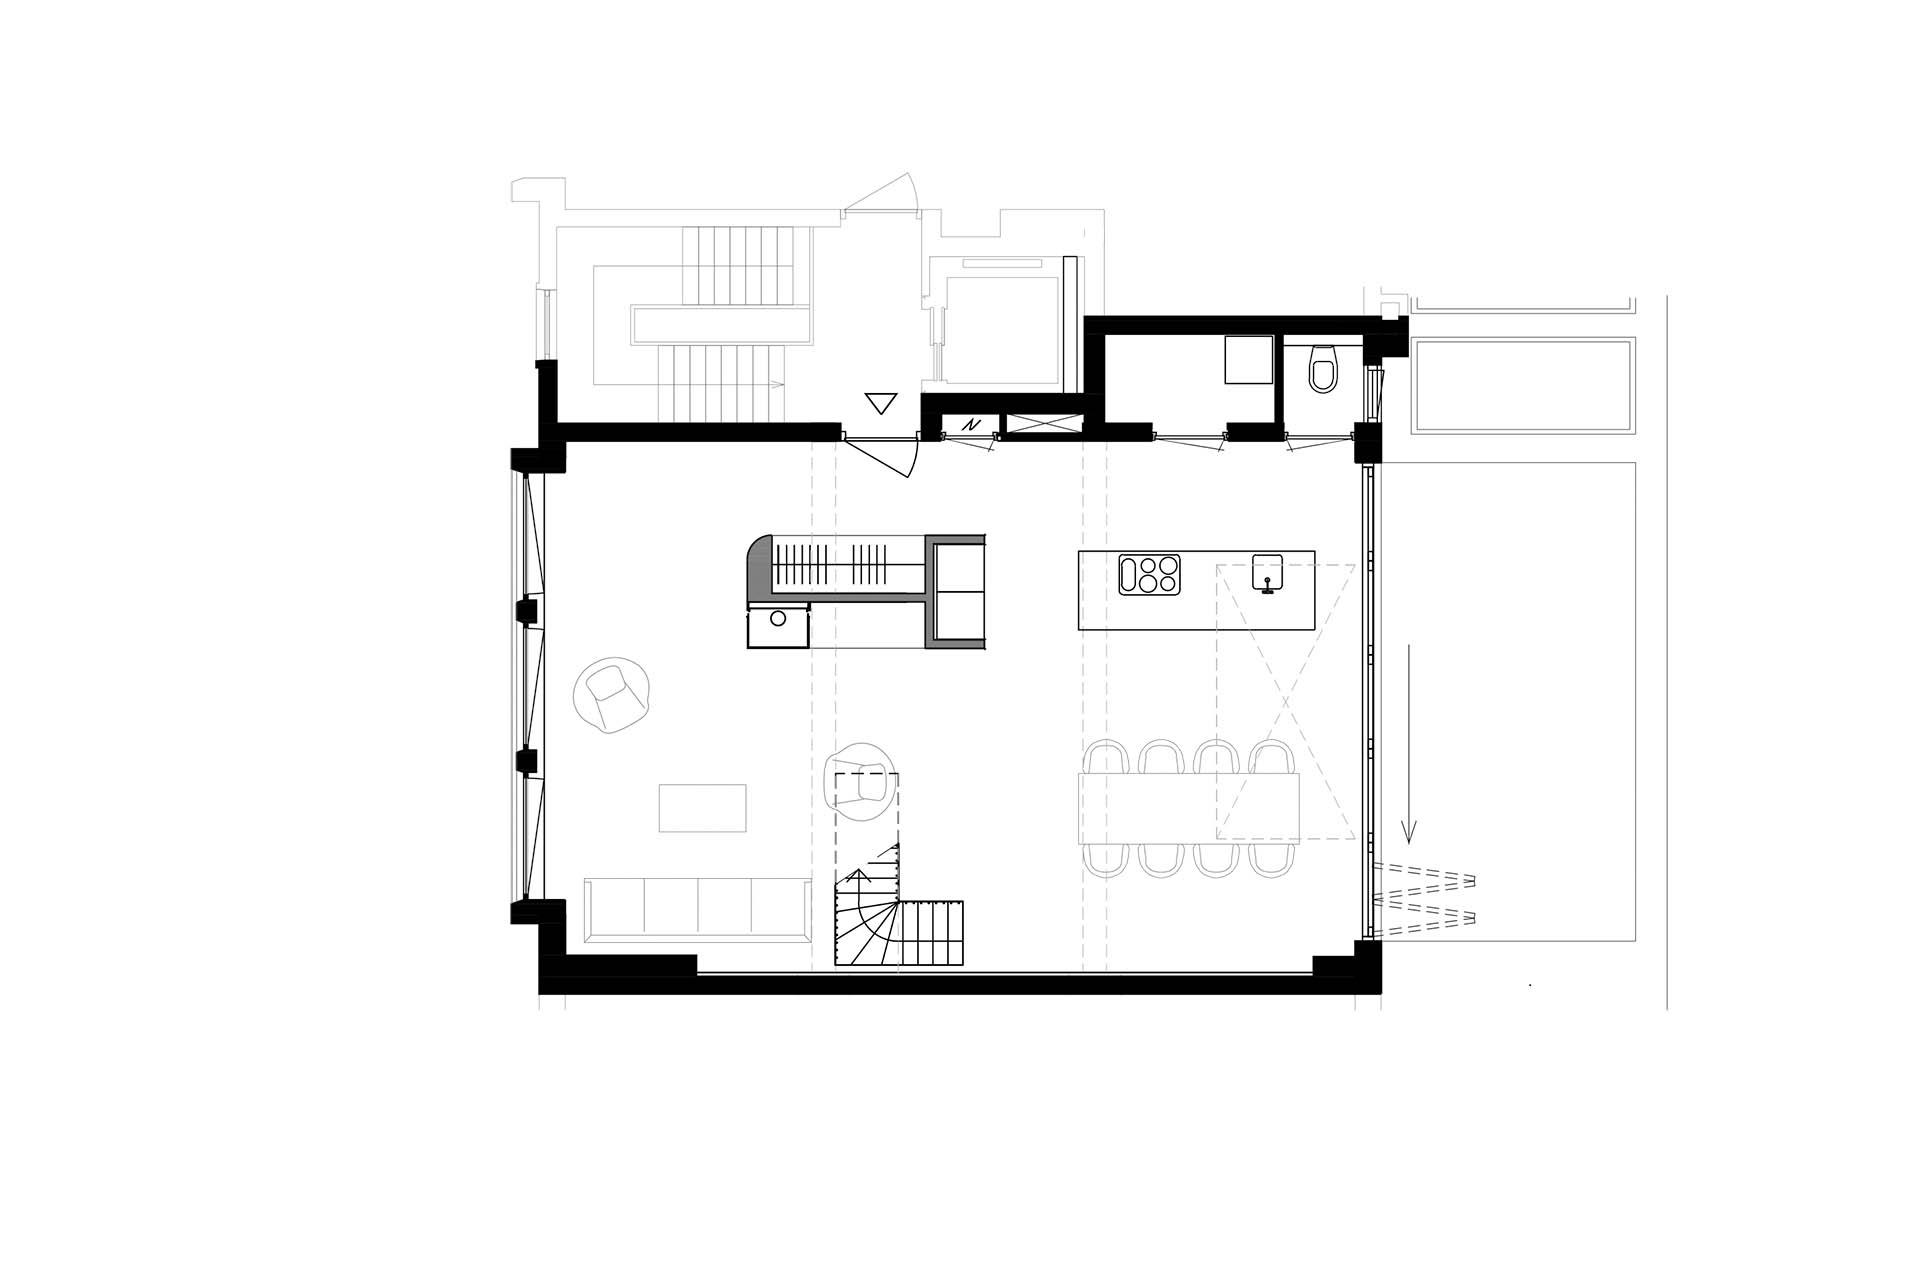 EVA architecten Coolhaven pl03